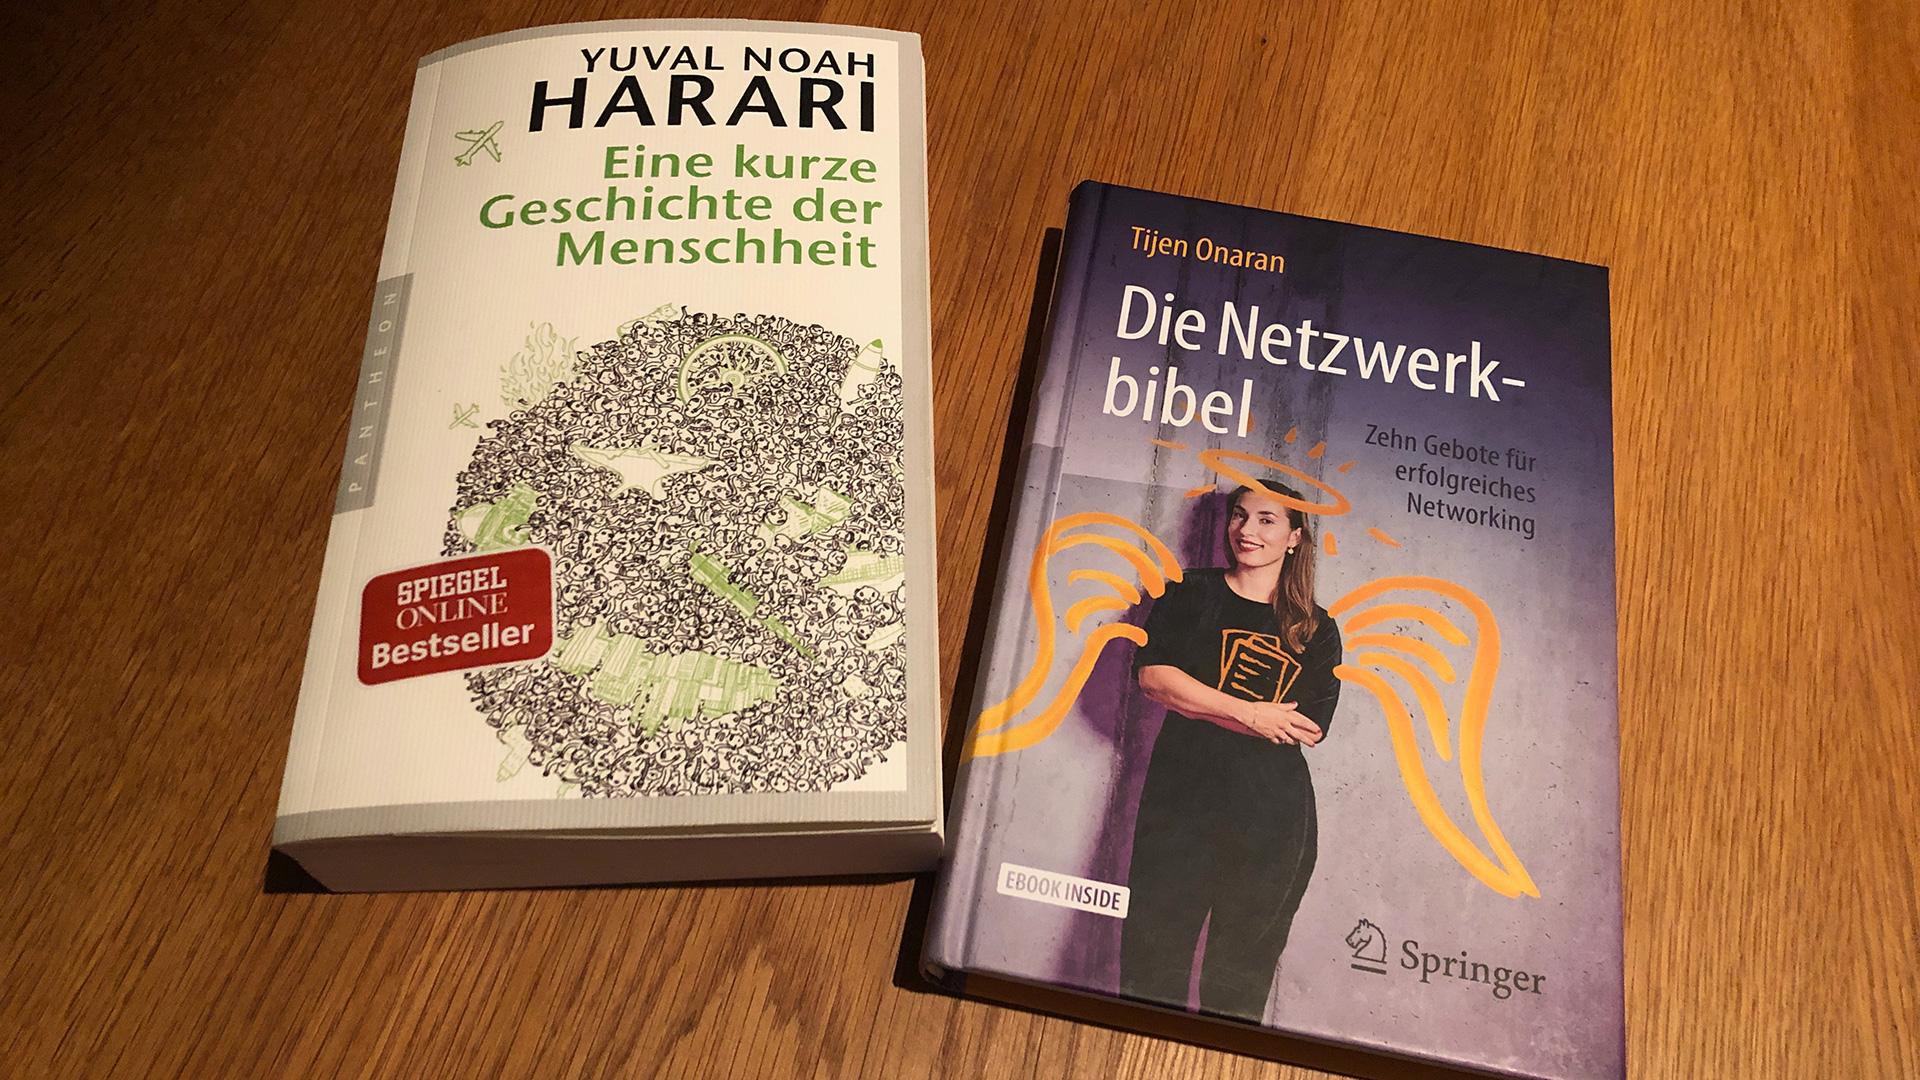 """zwei Bücher: """"Eine kurze Geschichte der Menschheit"""" und """"Die Netzwerkbibel"""""""